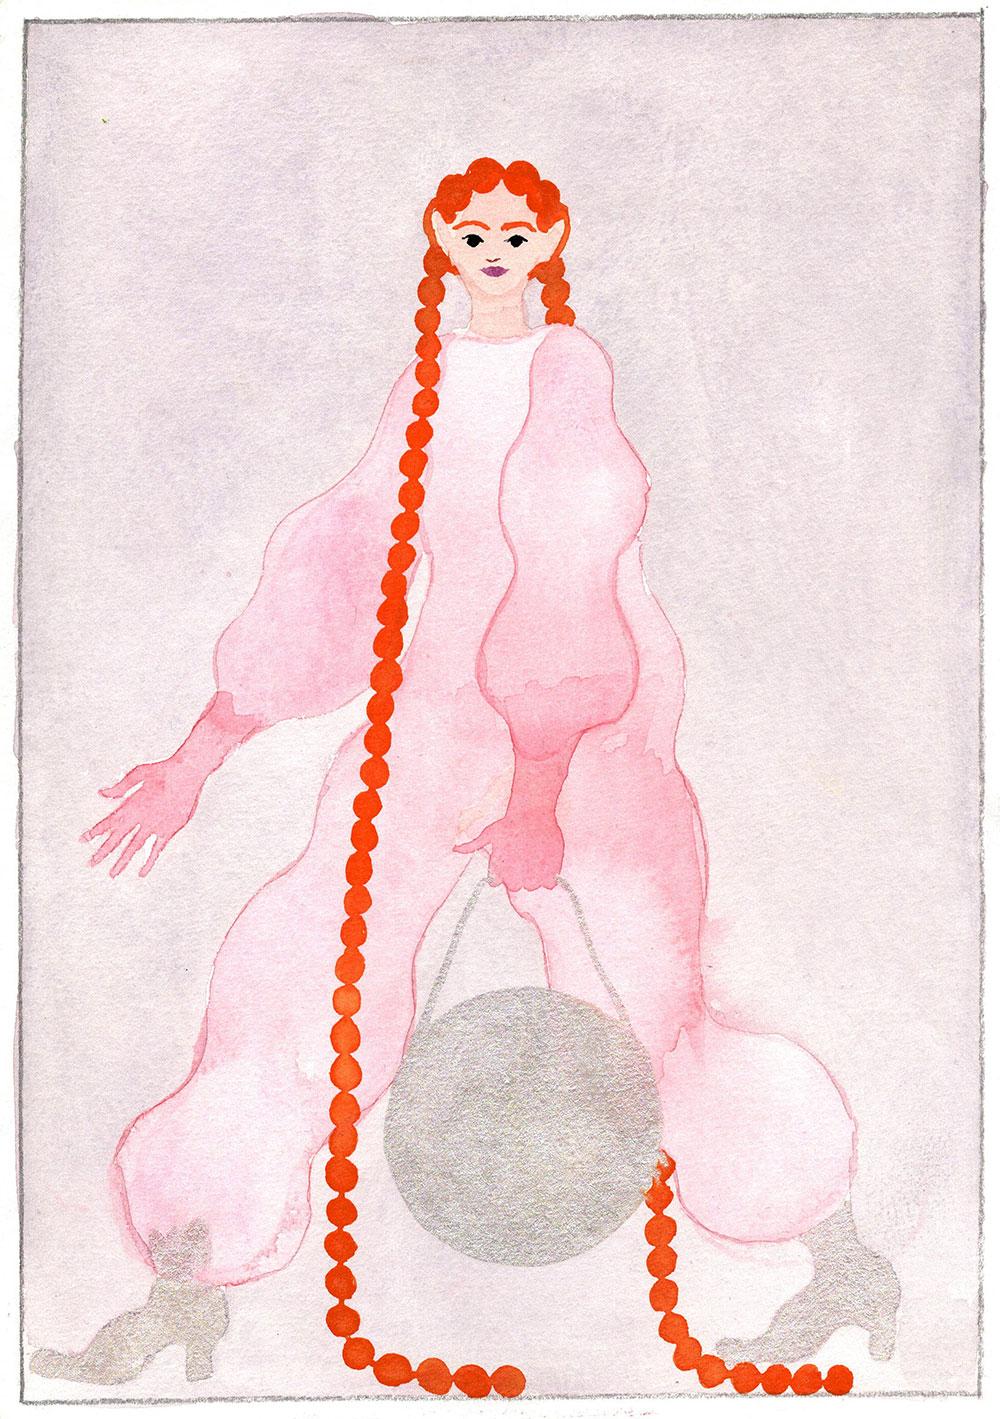 Illustration Malwine Stauss